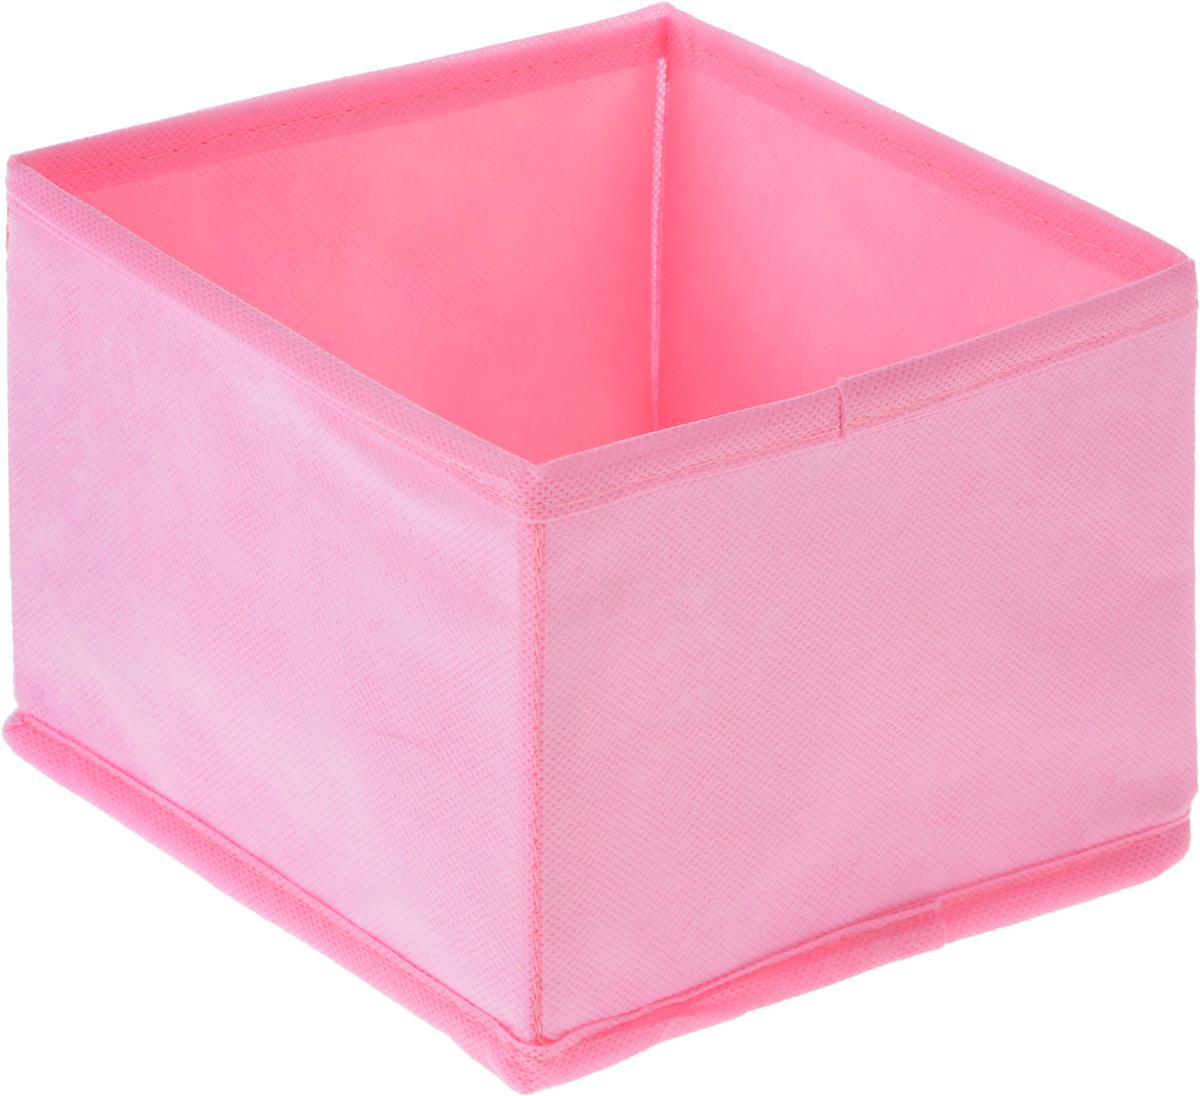 Органайзер Все на местах Minimalistic, цвет: розовый, 15 х 15 х 11 см1011045.Органайзер Все на местах Minimalistic поможет удобно хранить вещи. Изделие выполнено из высококачественного нетканого материала, который обеспечивает естественную вентиляцию, позволяя воздуху проникать внутрь, но не пропускает пыль. Вставки из ПВХ хорошо держат форму. Изделие содержит одну большую секцию. Органайзер легко раскладывается и складывается. Оригинальный дизайн придется по вкусу ценителям эстетичного хранения. Размер органайзера в разложенном виде: 15 х 15 х 11 см.